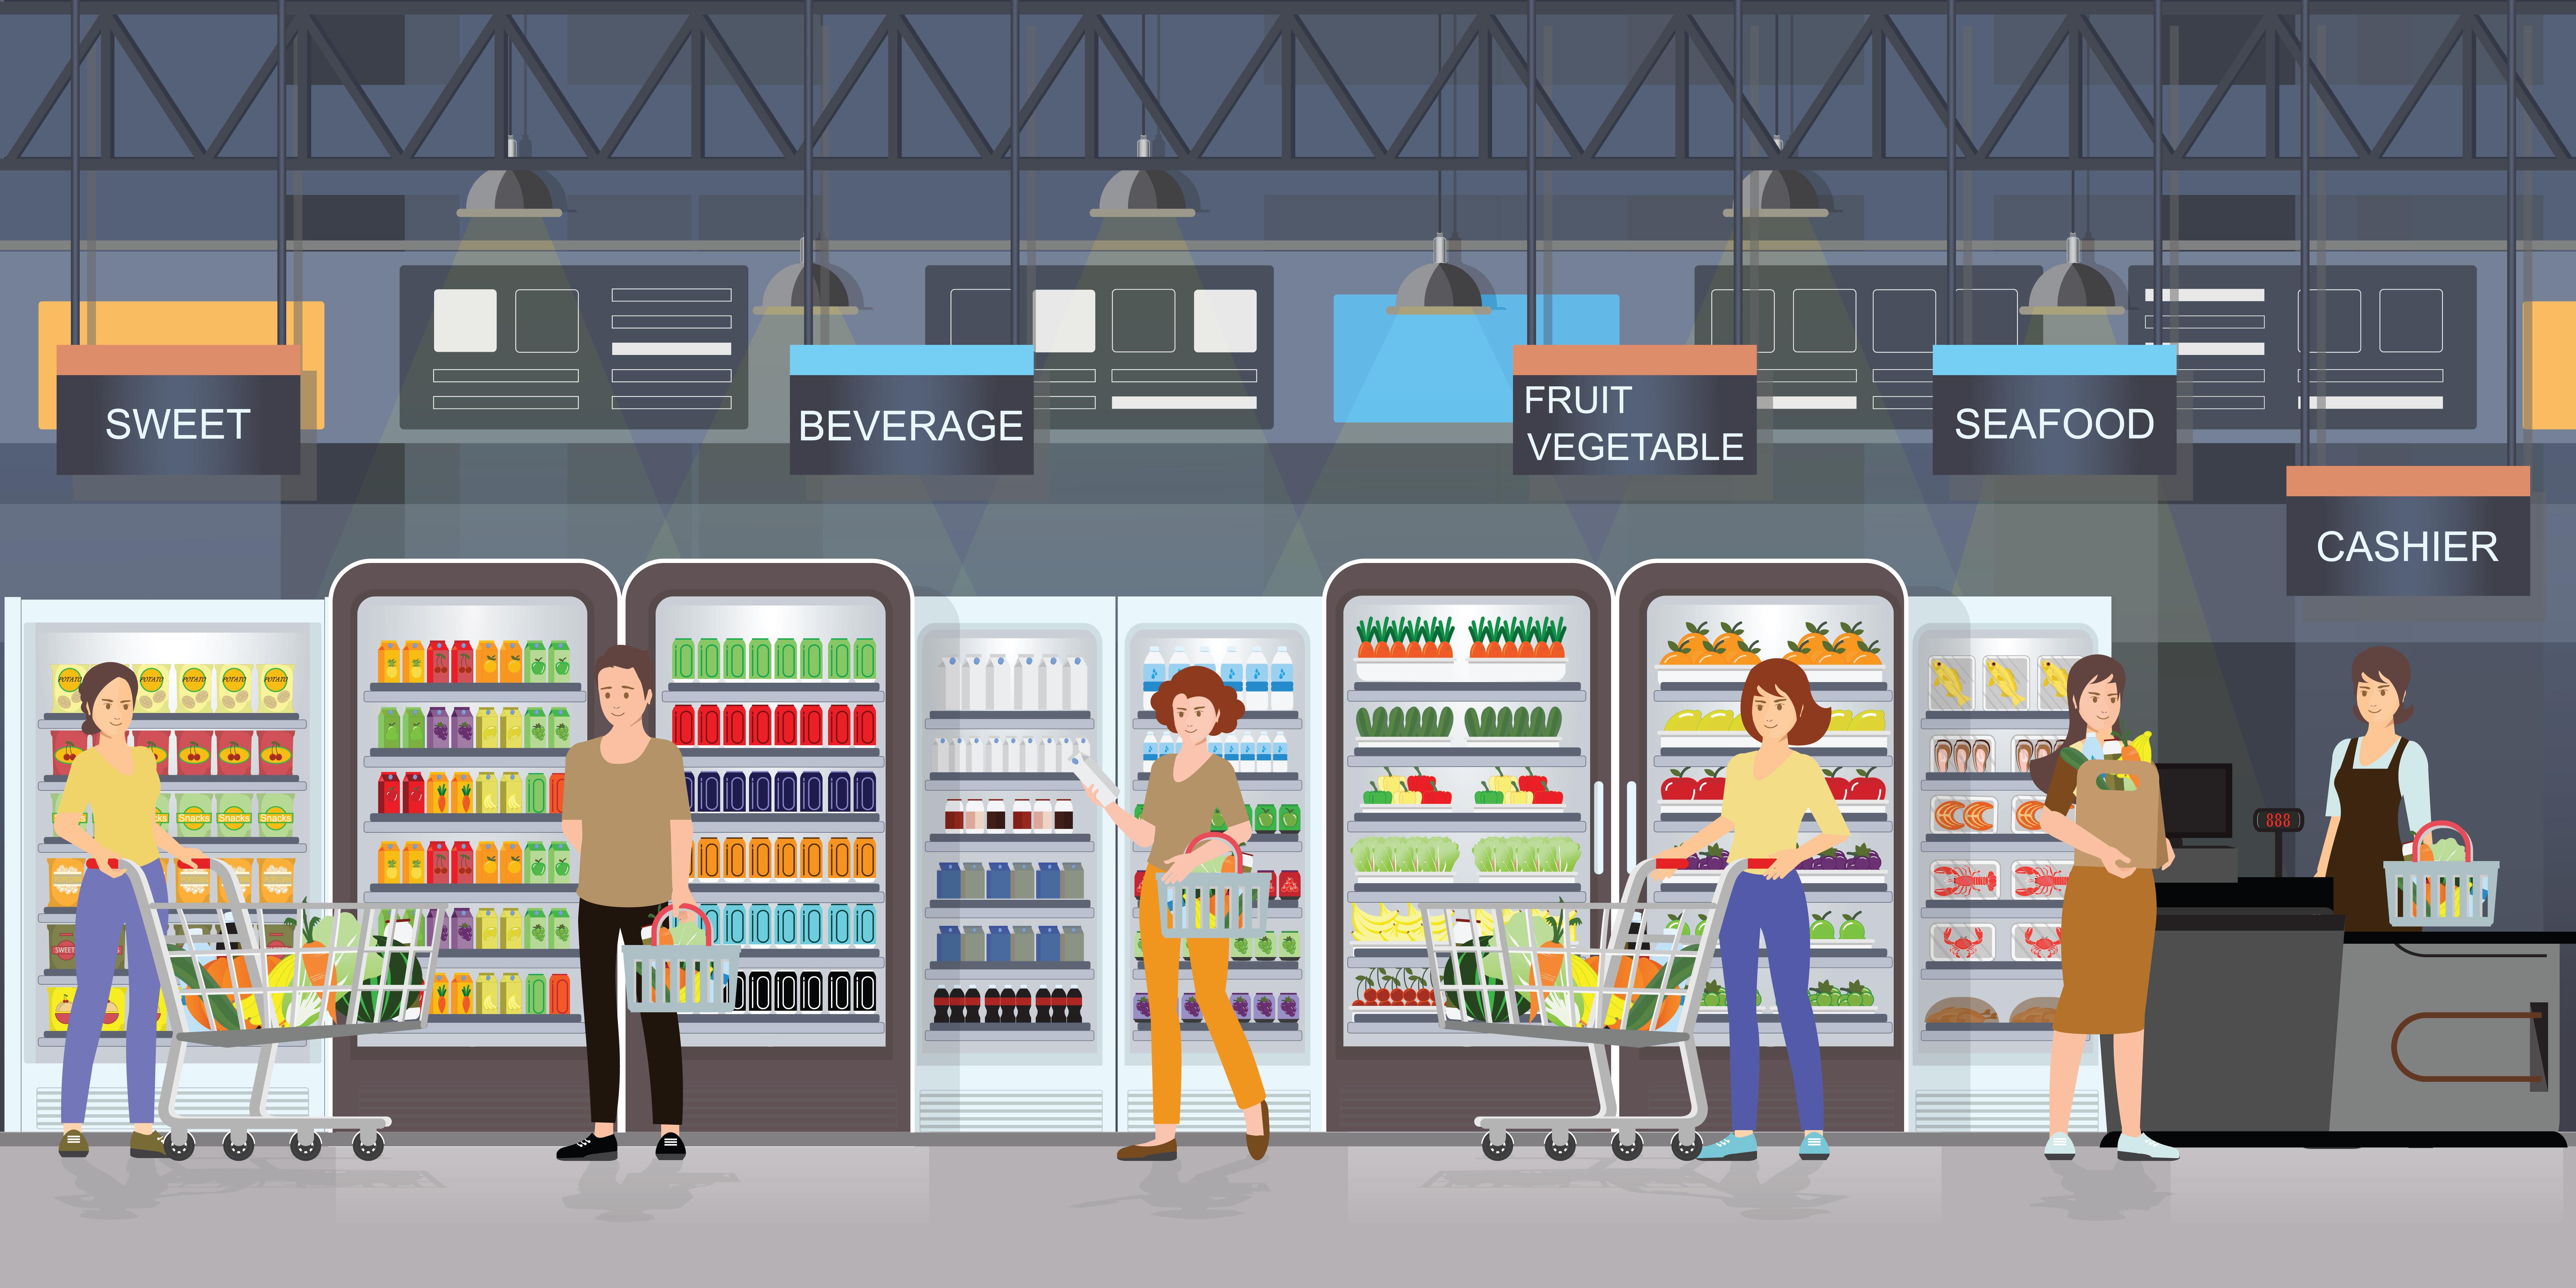 Ahold Delhaize Grocery Testing Autonomous Checkout